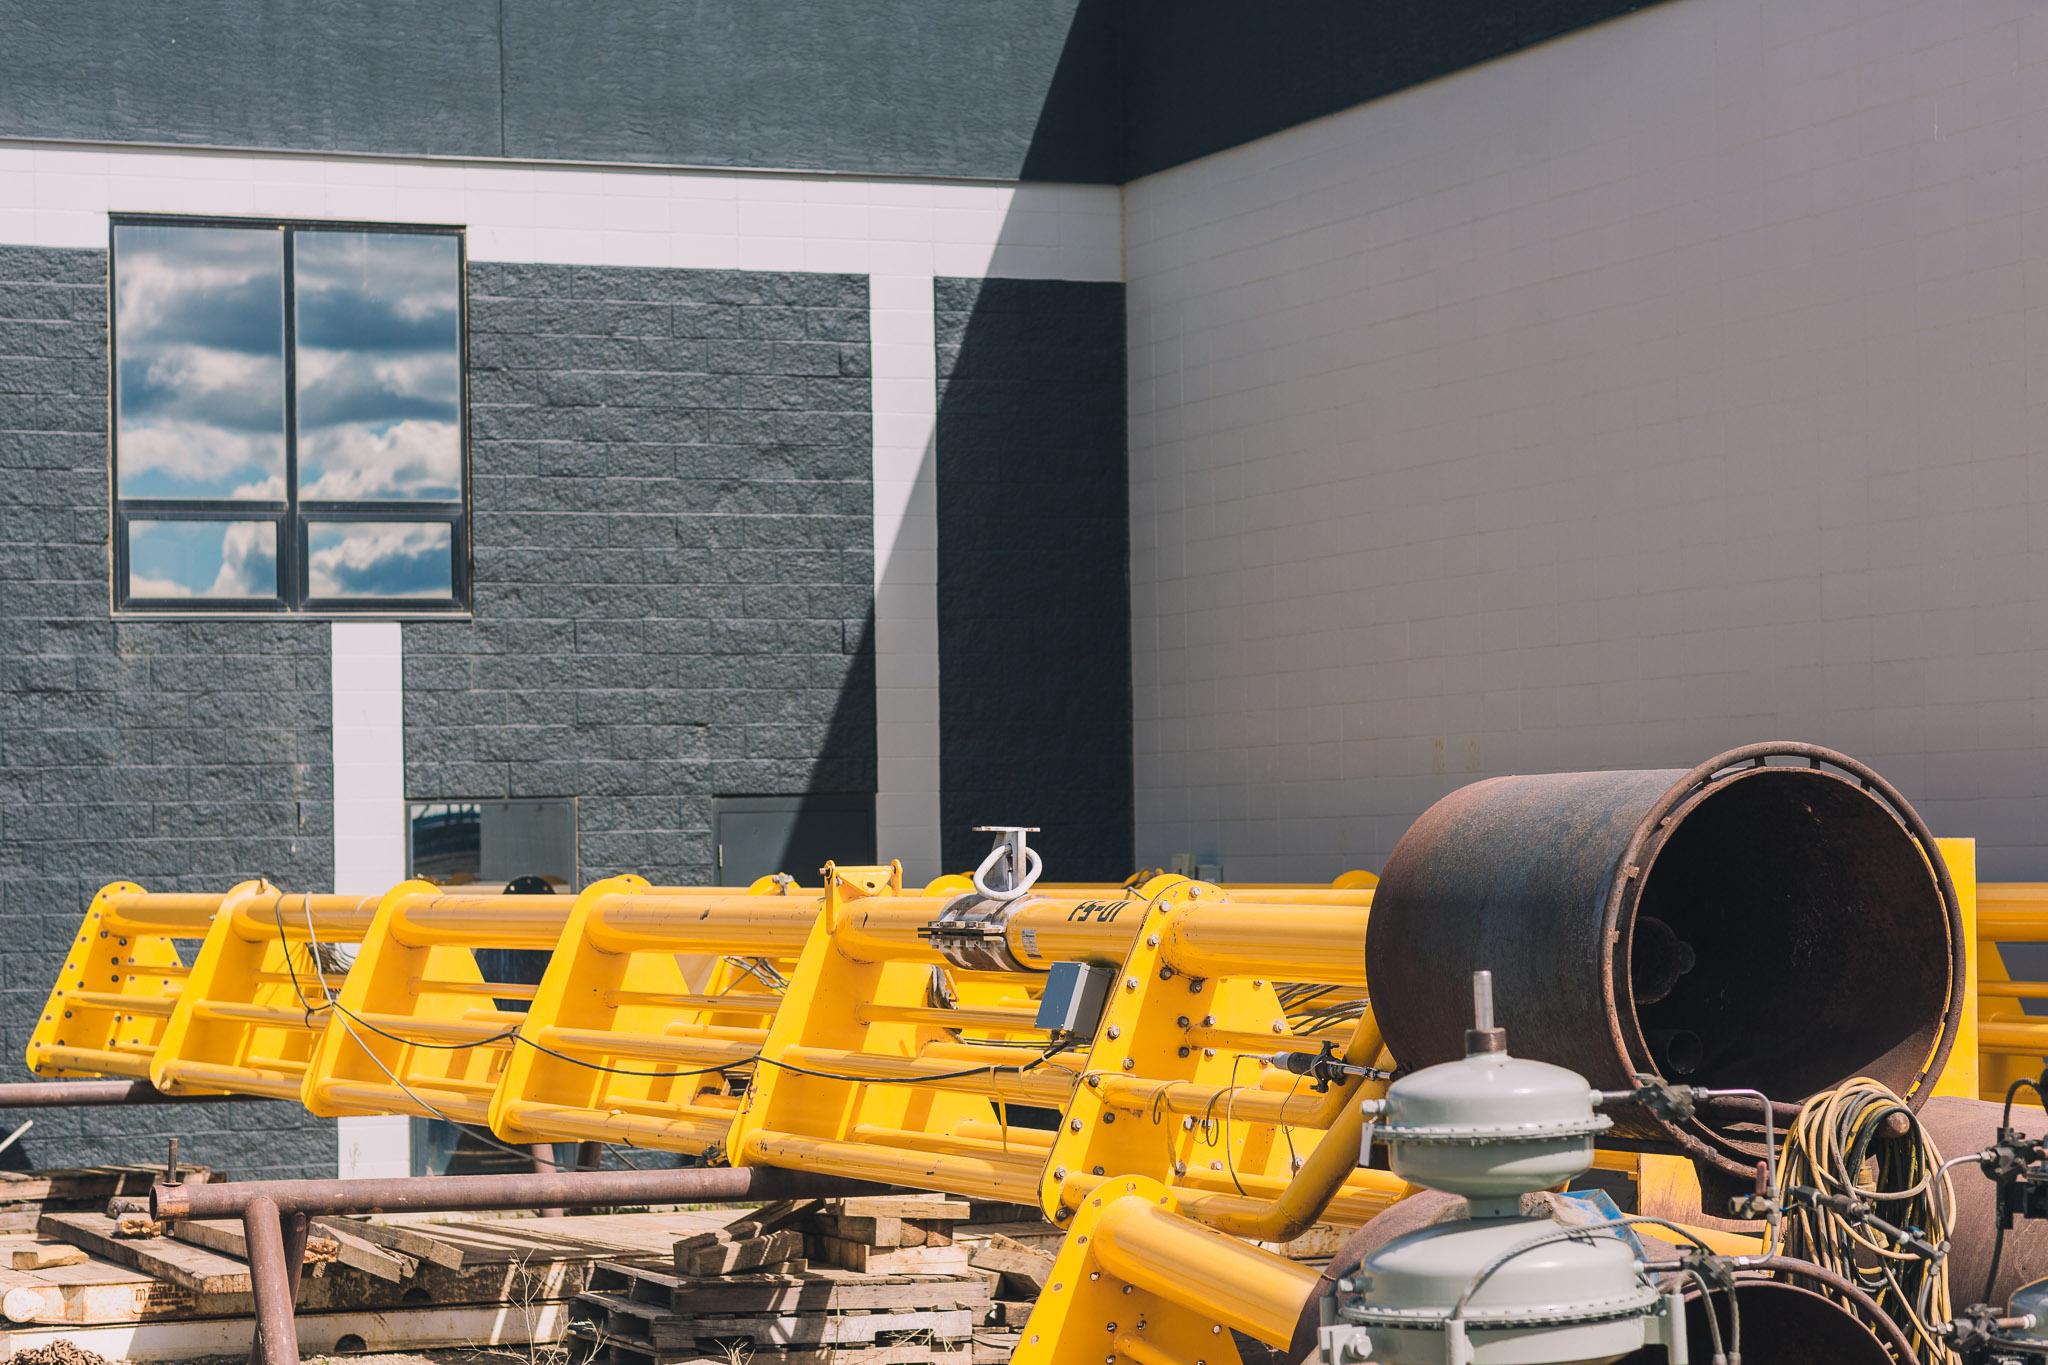 Oilfield rental equipment, well frac flowback